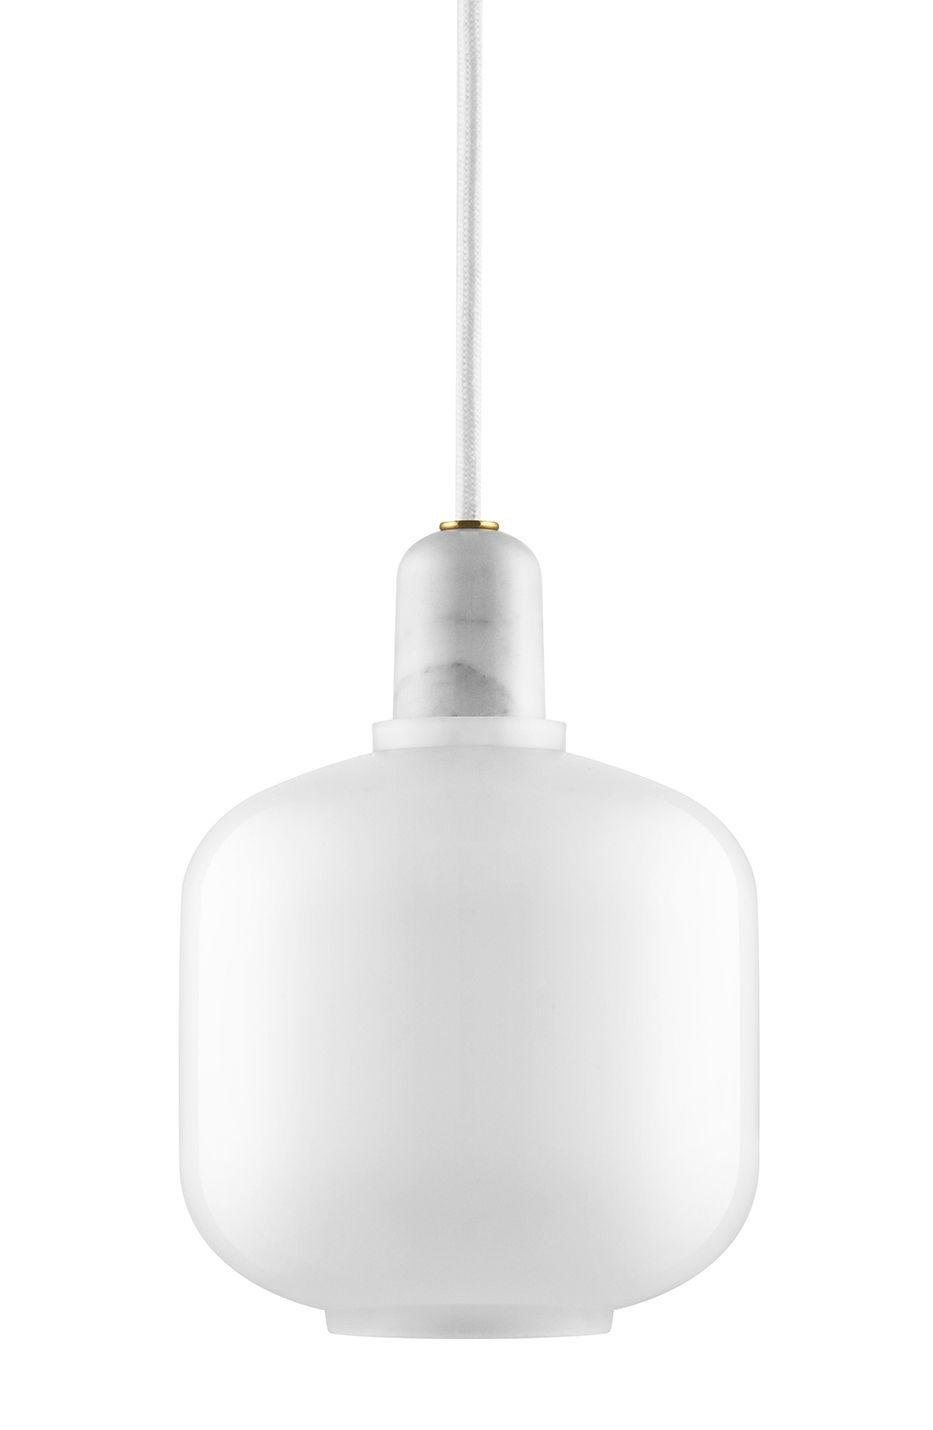 Illuminazione - Lampadari - Sospensione Amp Small / Ø 14 x H 17 cm - vetro & marmo - Normann Copenhagen - Bianco / Marmo bianco - Marmo, Vetro